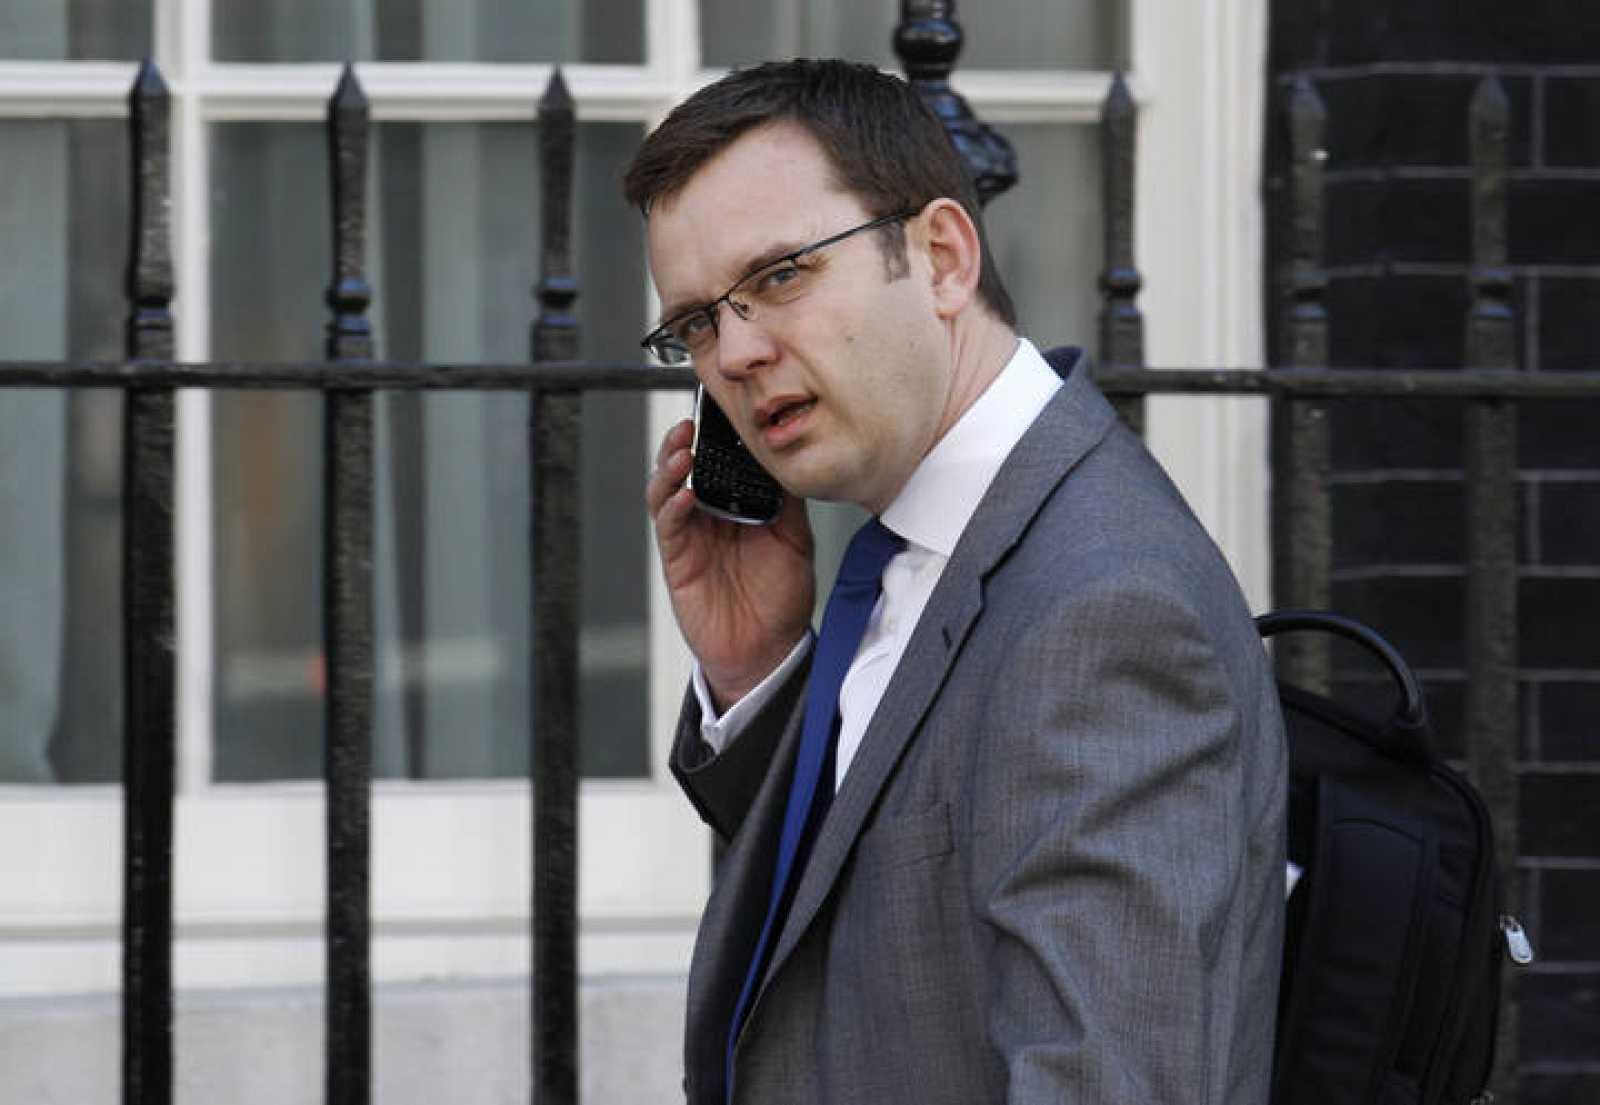 El asesor de comunicación de Cameron, Andy Coulson, hablando por teléfono.